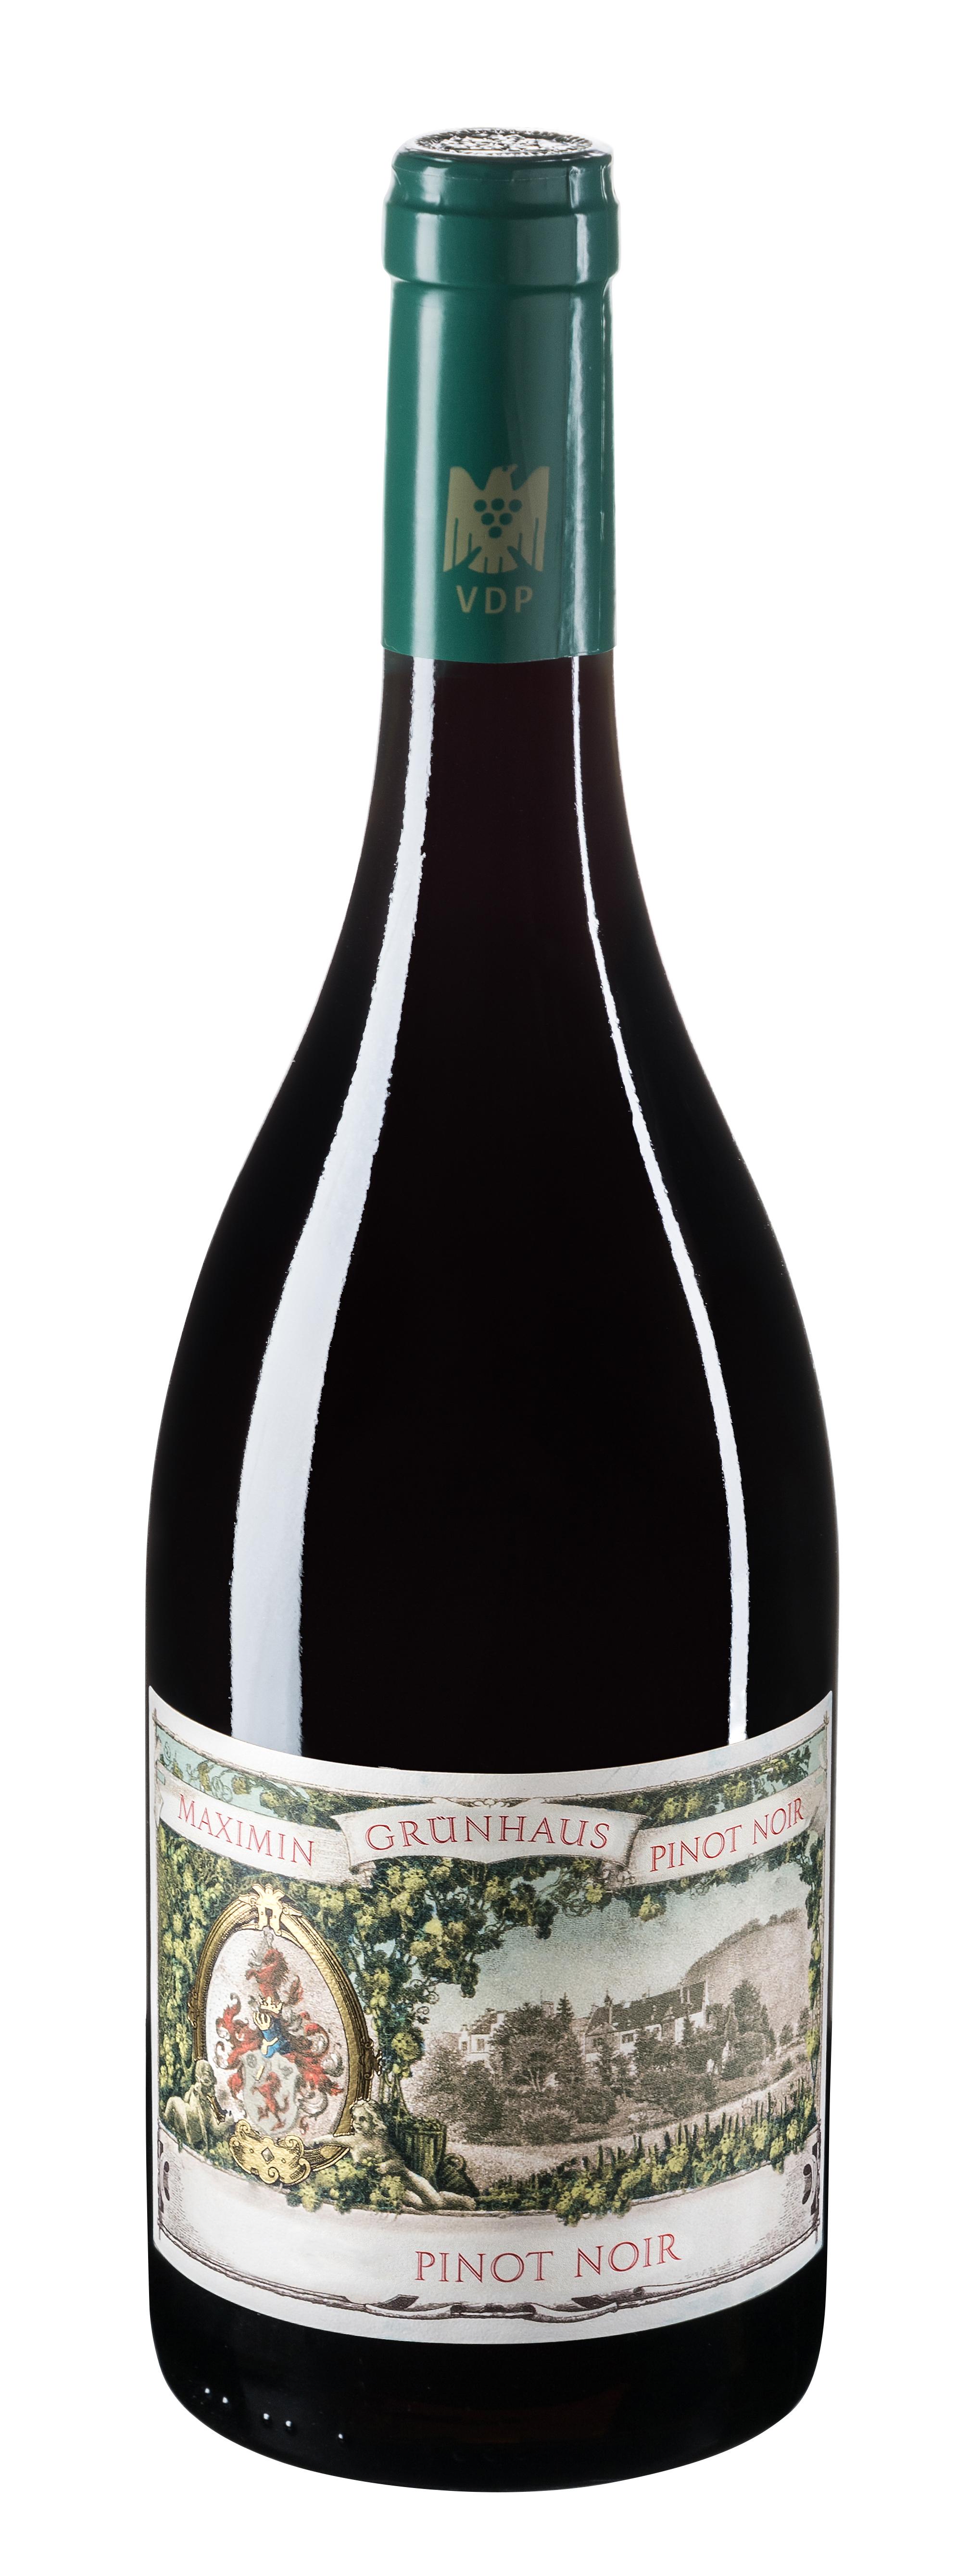 Maximin Grünhaus, Mosel Pinot Noir 2015